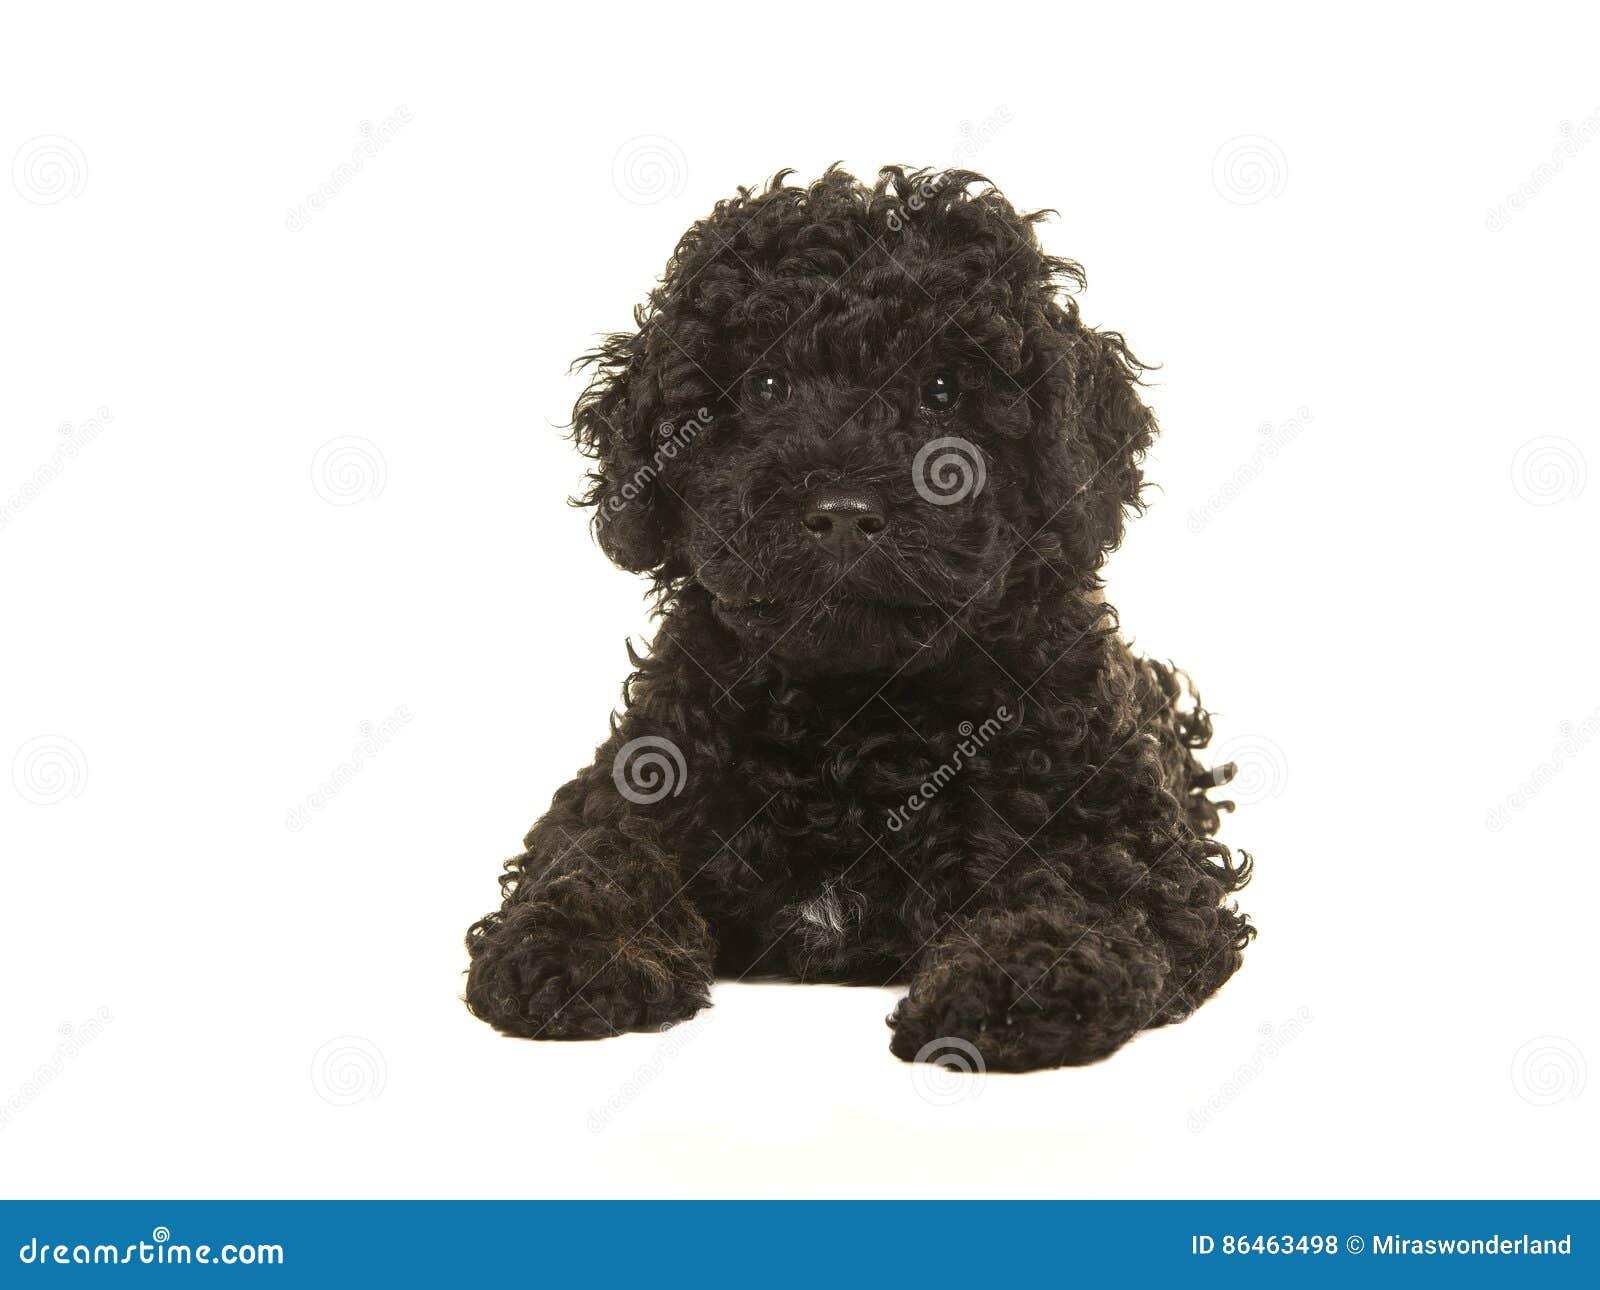 Μαύρο κουτάβι labradoodle που αντιμετωπίζει τη κάμερα που βλέπει στο πάτωμα που βλέπει από το μέτωπο